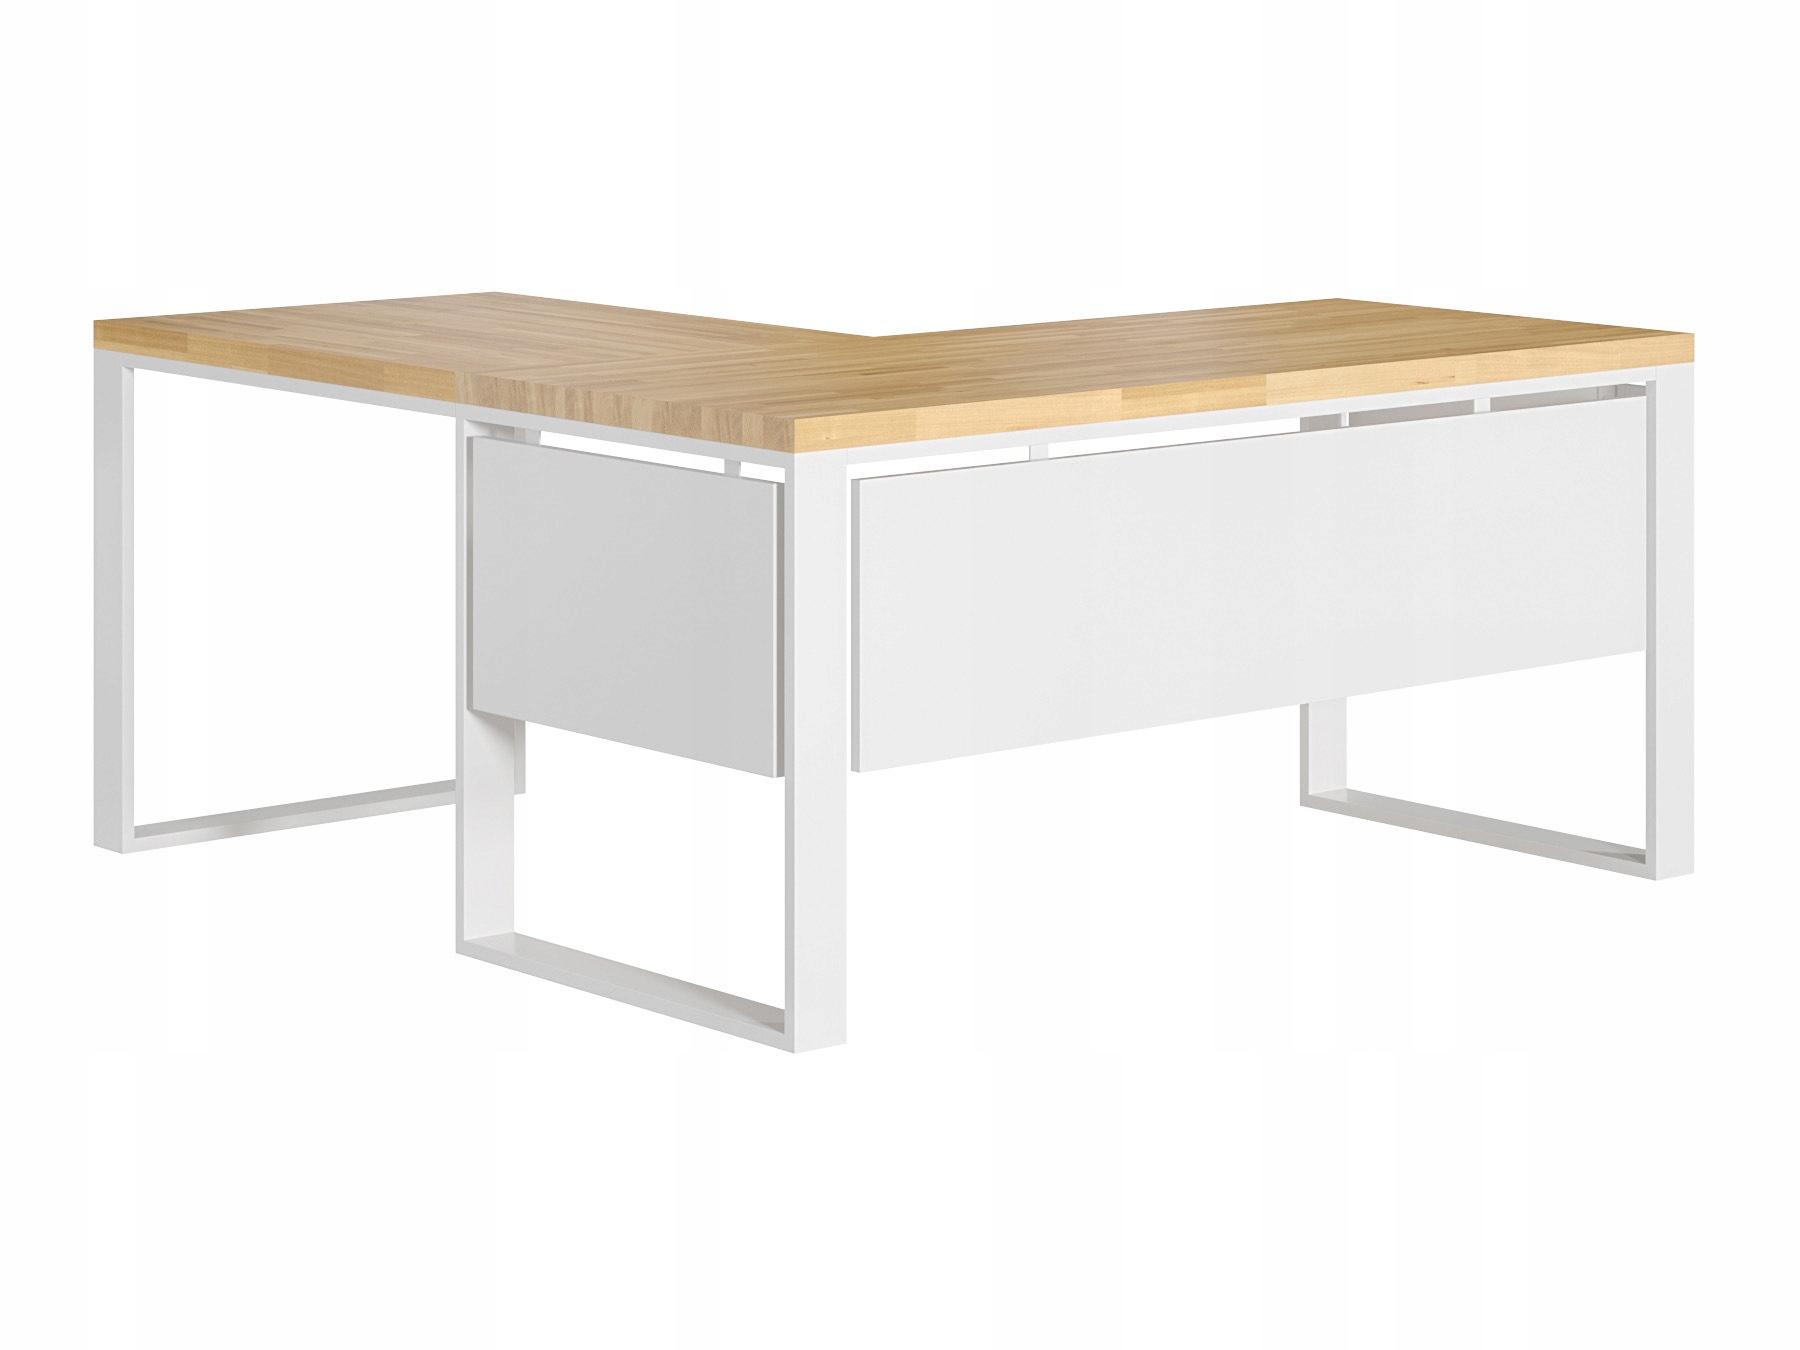 Białe biurko narożne z drewnianym blatem + blendy